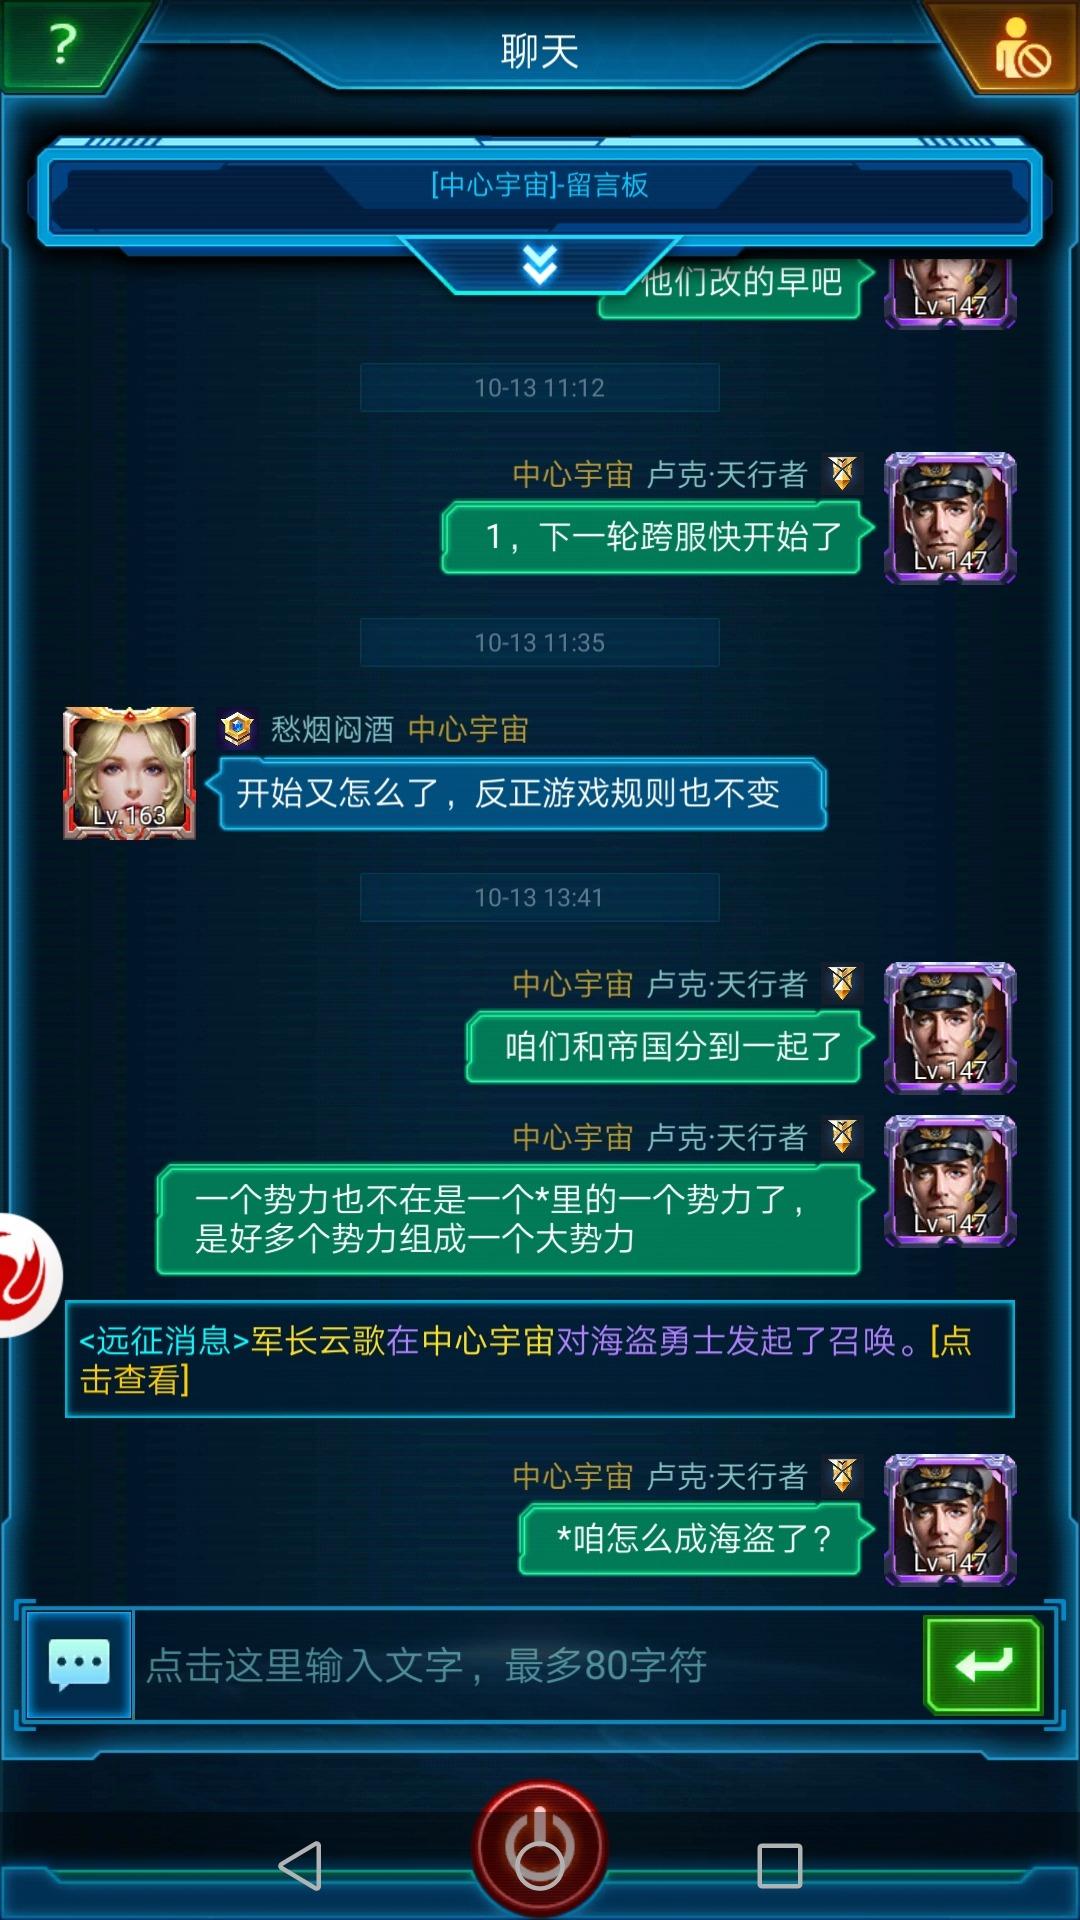 Screenshot_20191013-134351.jpg